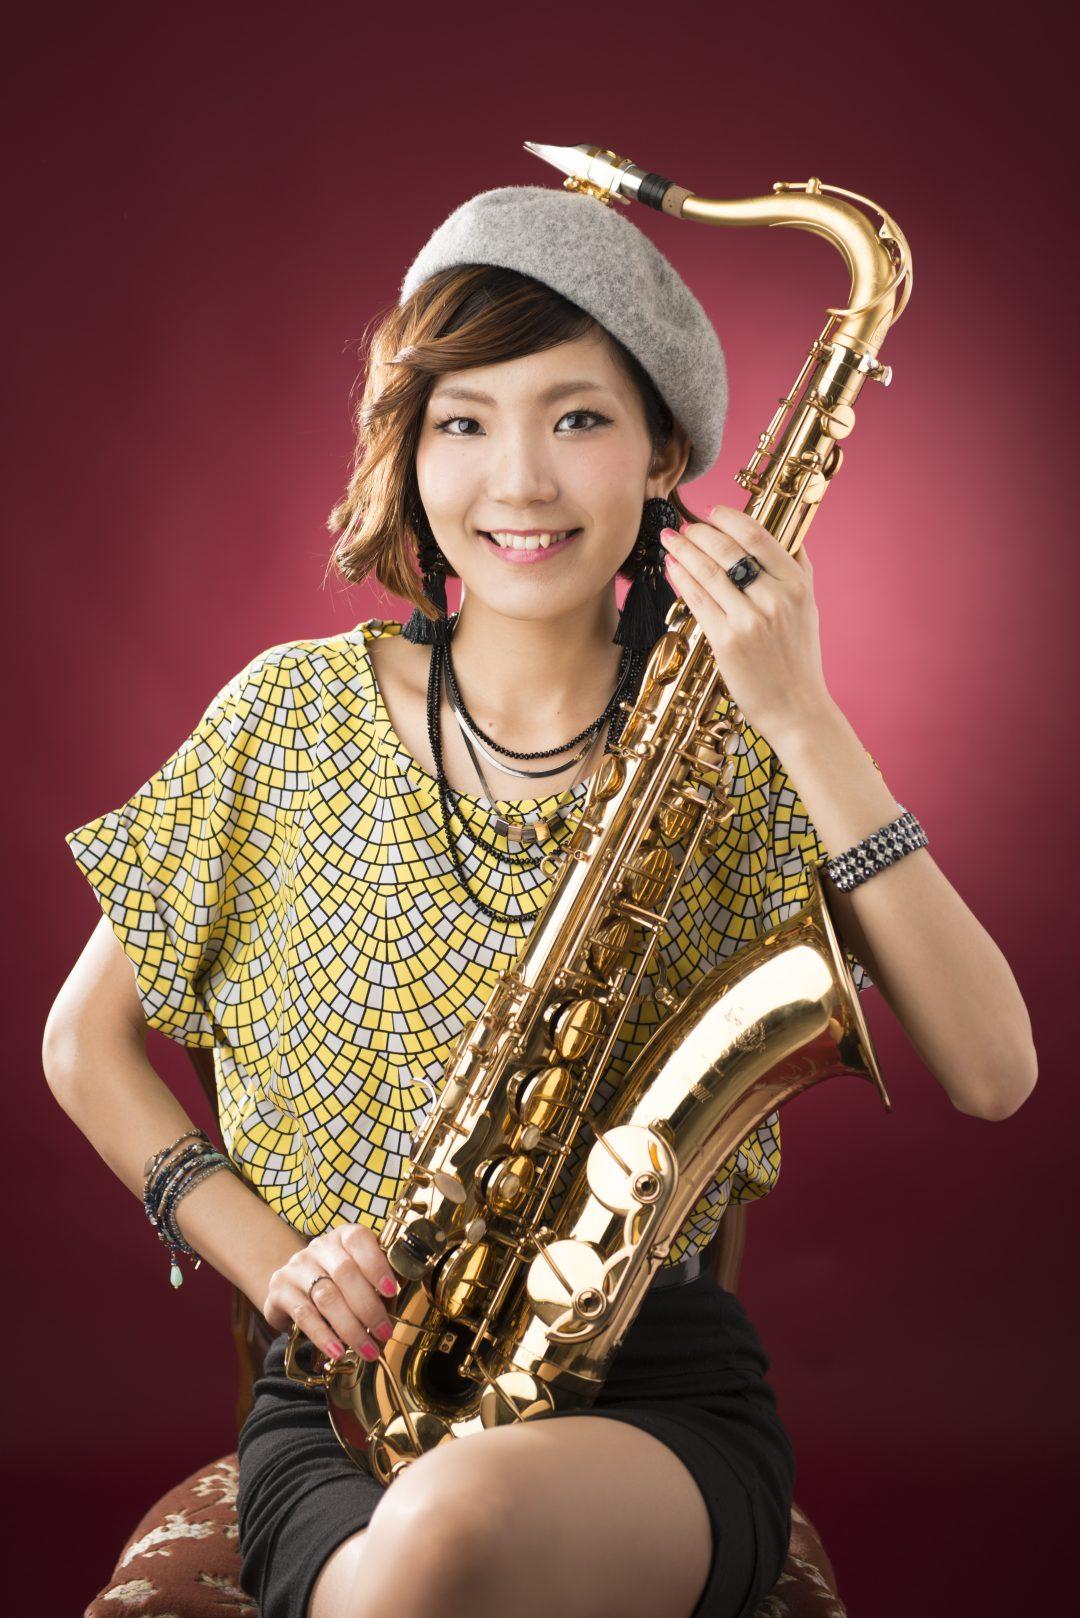 テナー・サックス・プレイヤー清水玲奈のリーダー・ライブ   Sax world